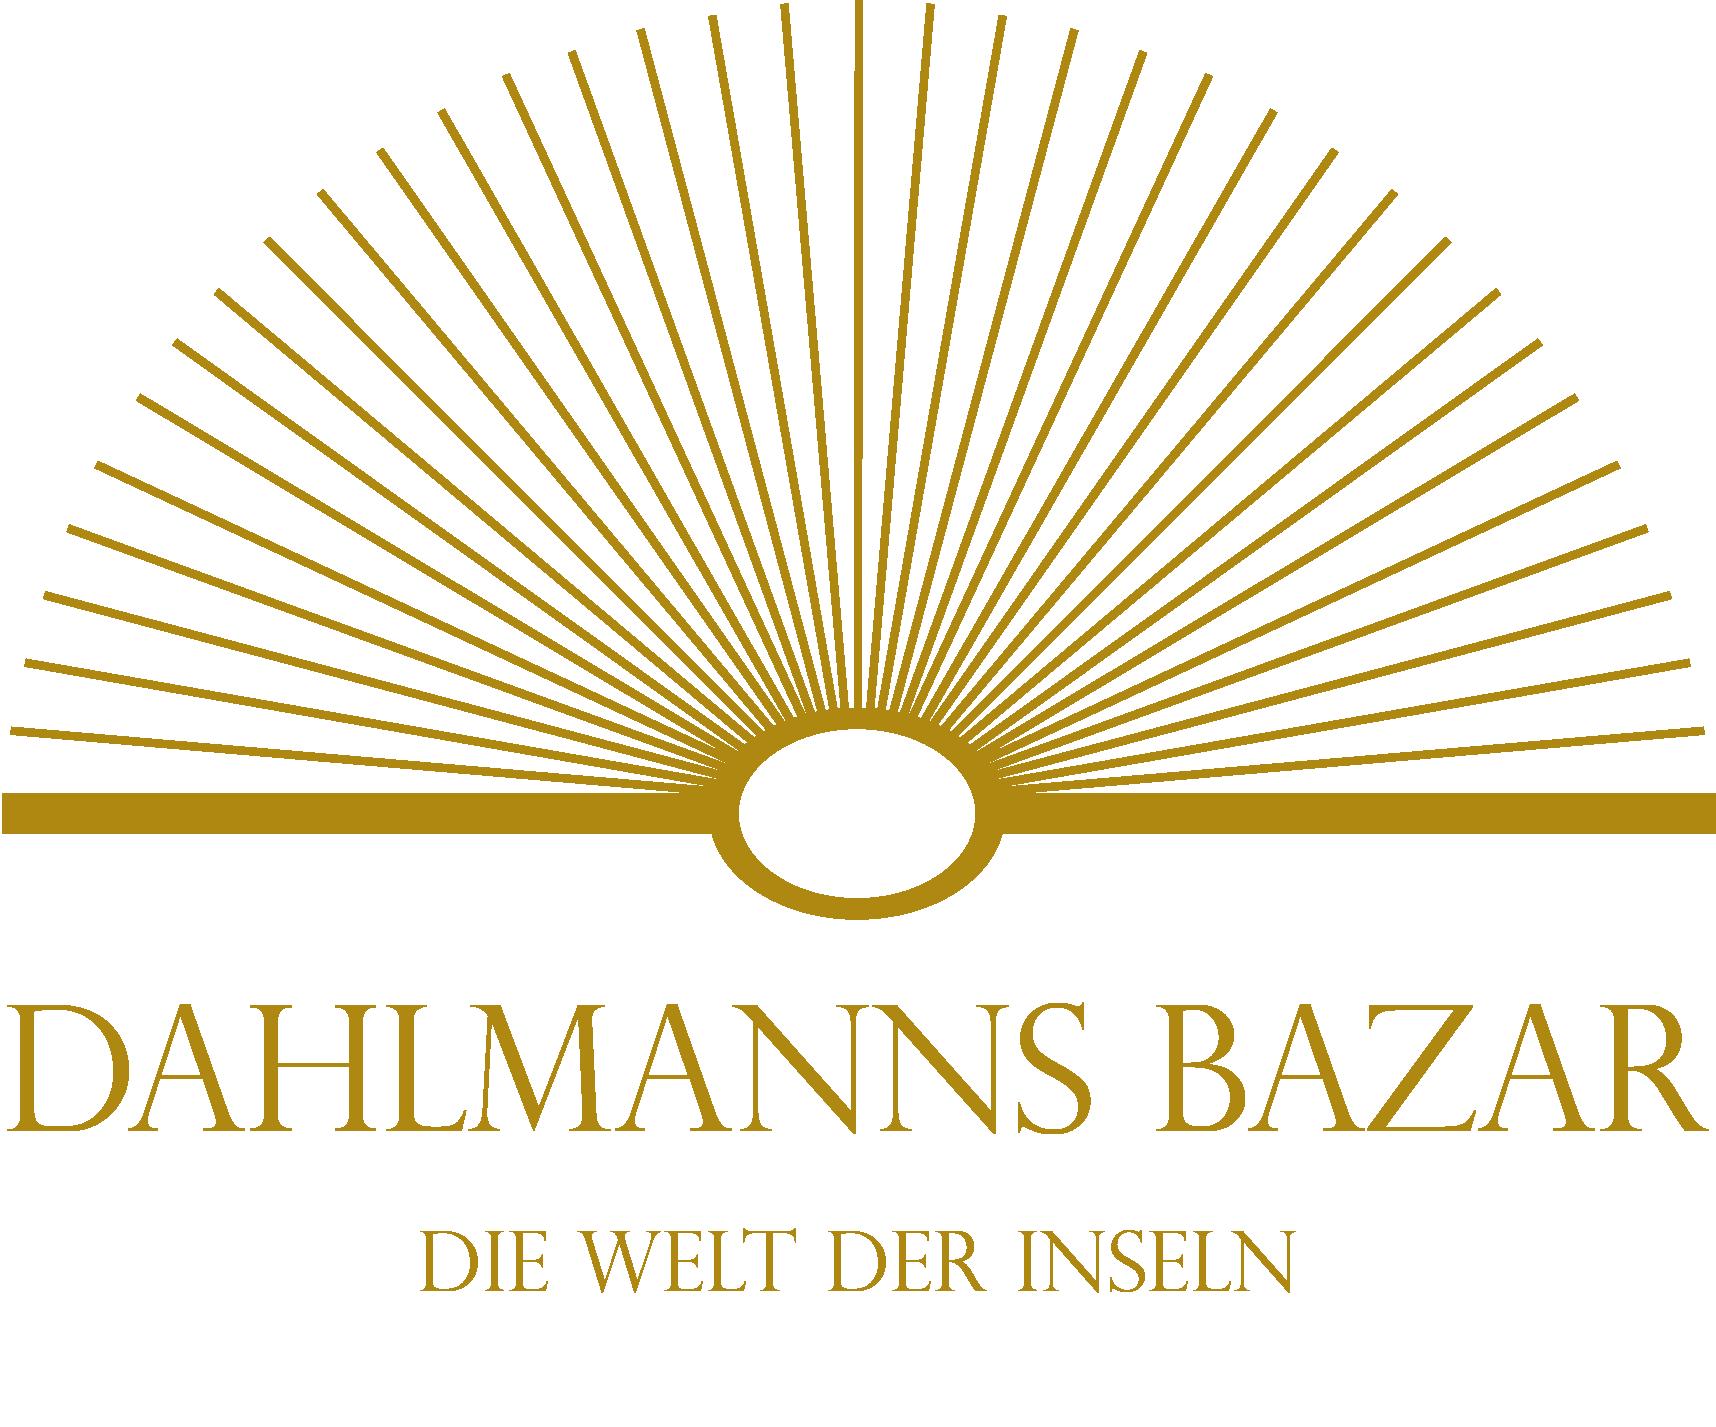 Dahlmanns Bazar | Die Welt der Inseln | Café Sassnitz